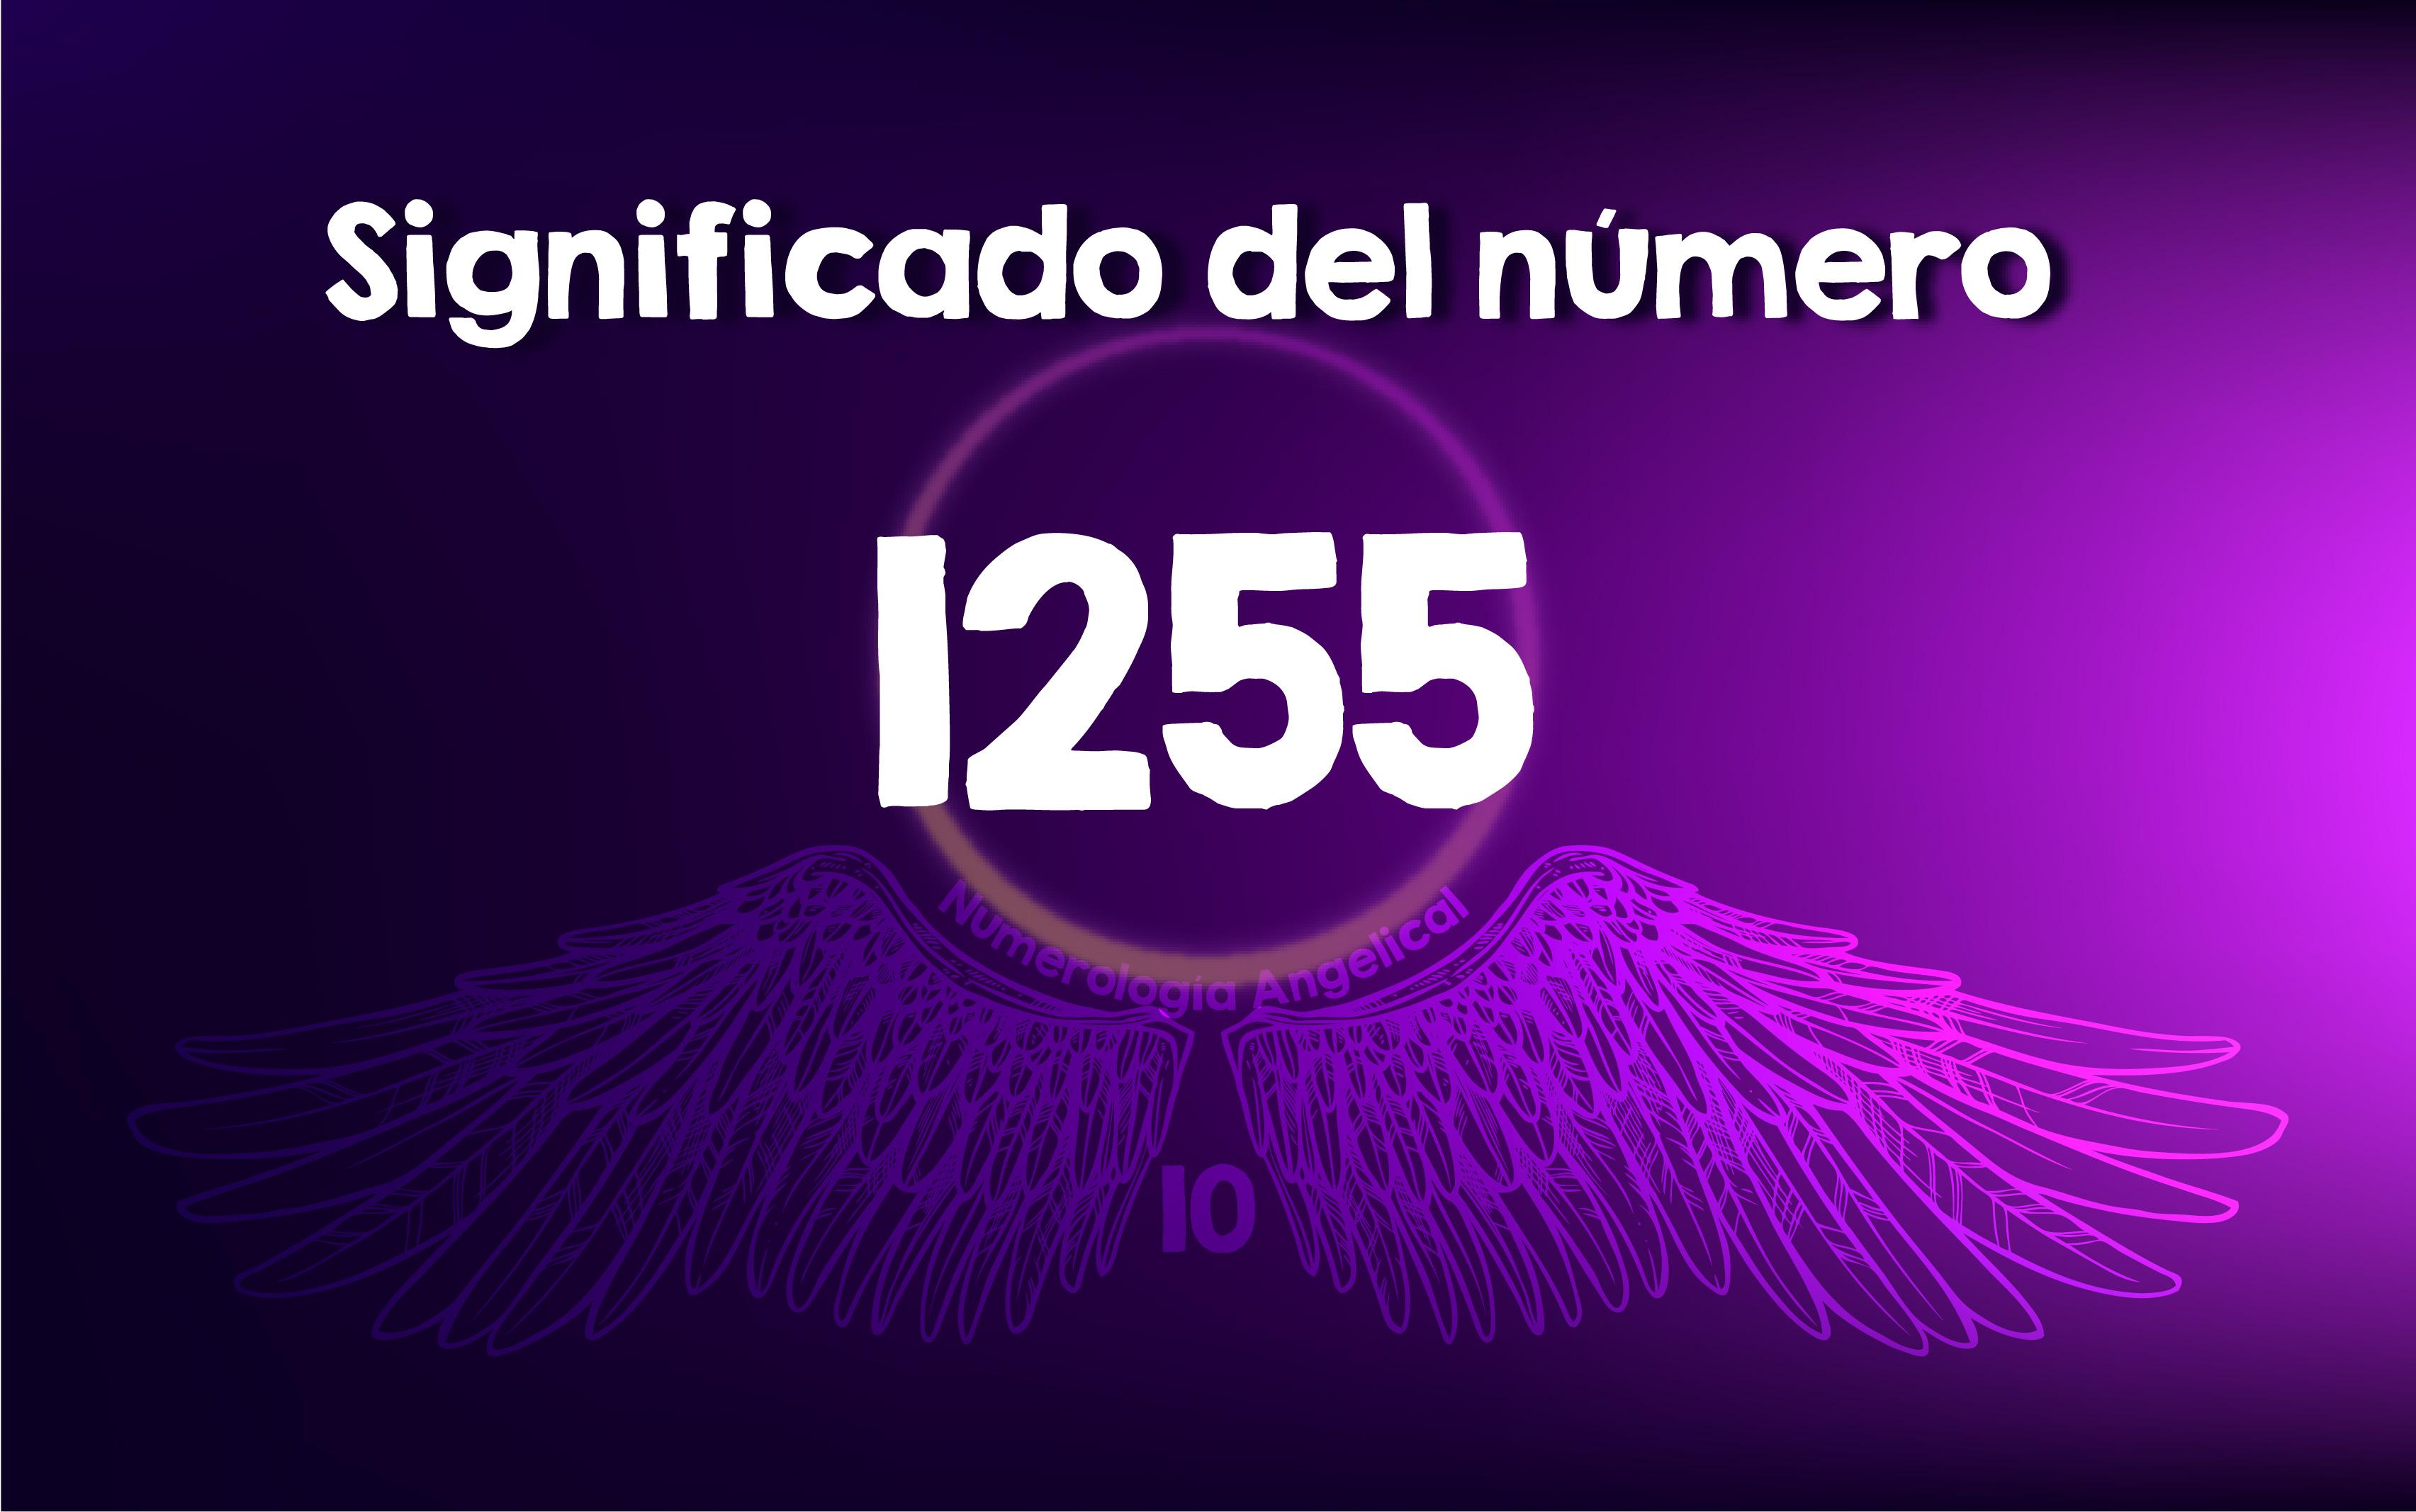 Significado del número 1255